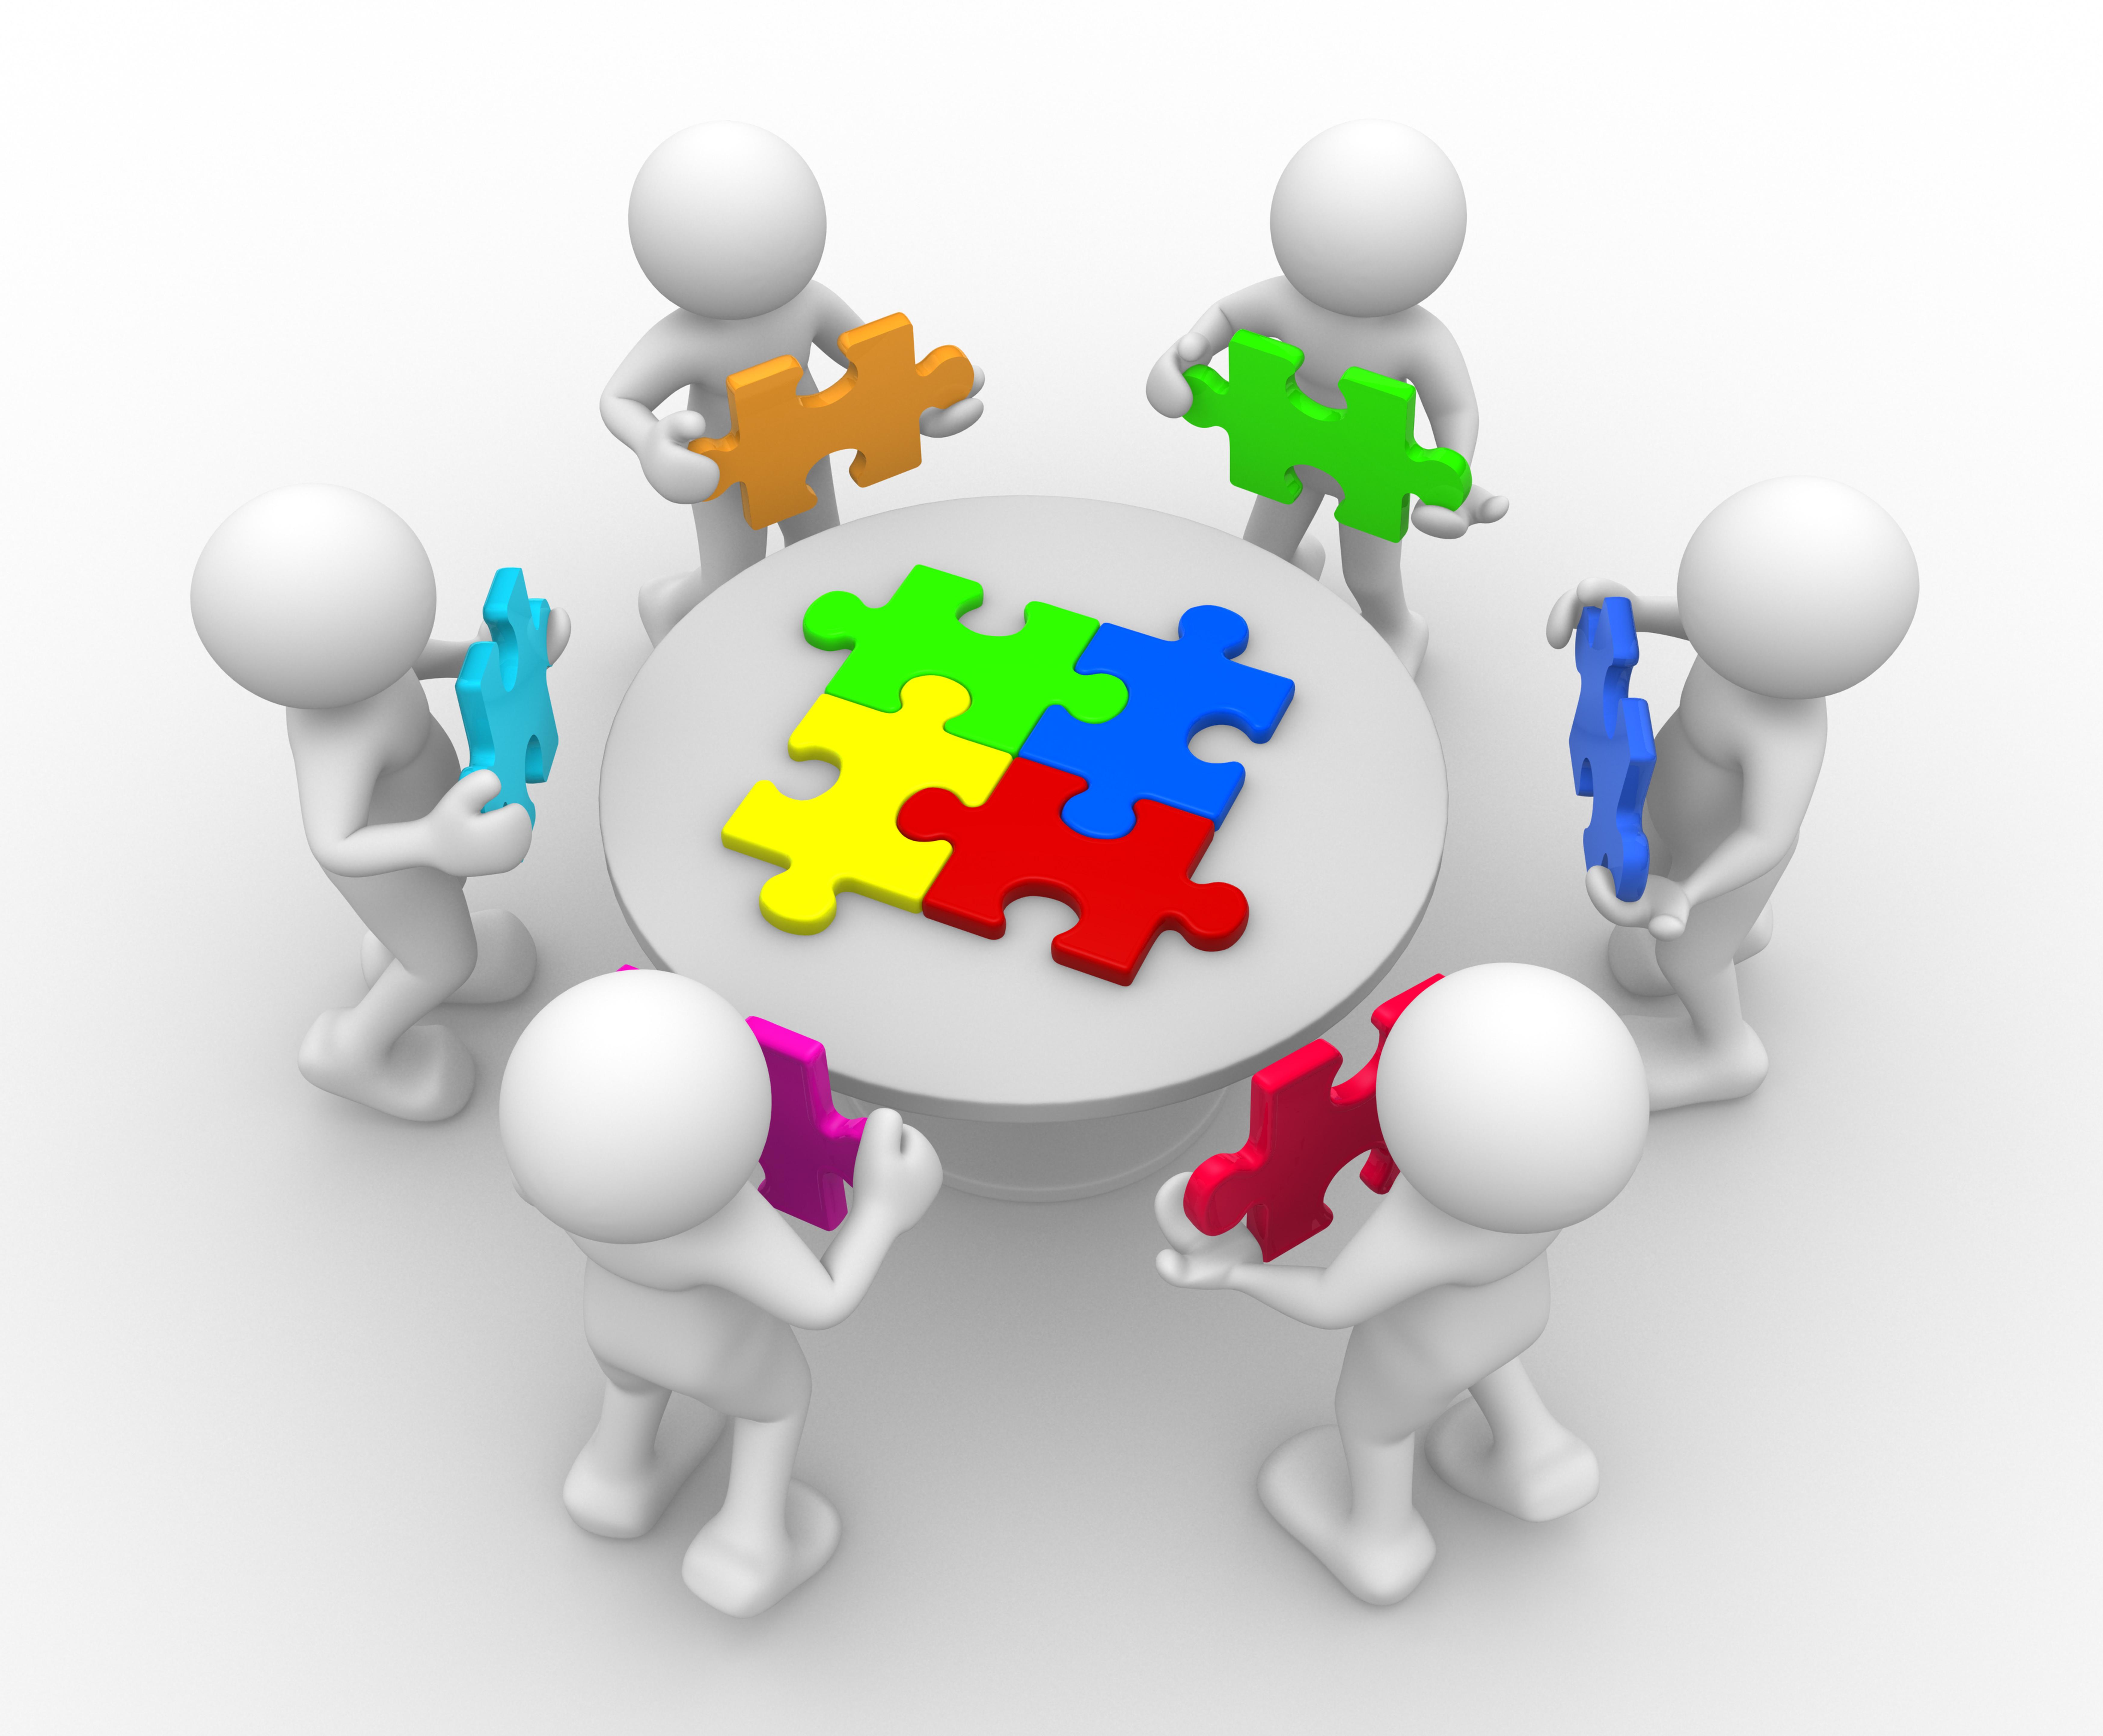 مطلوب مساعد قسم التعليم والتدريب للعمل في رابطة طبية